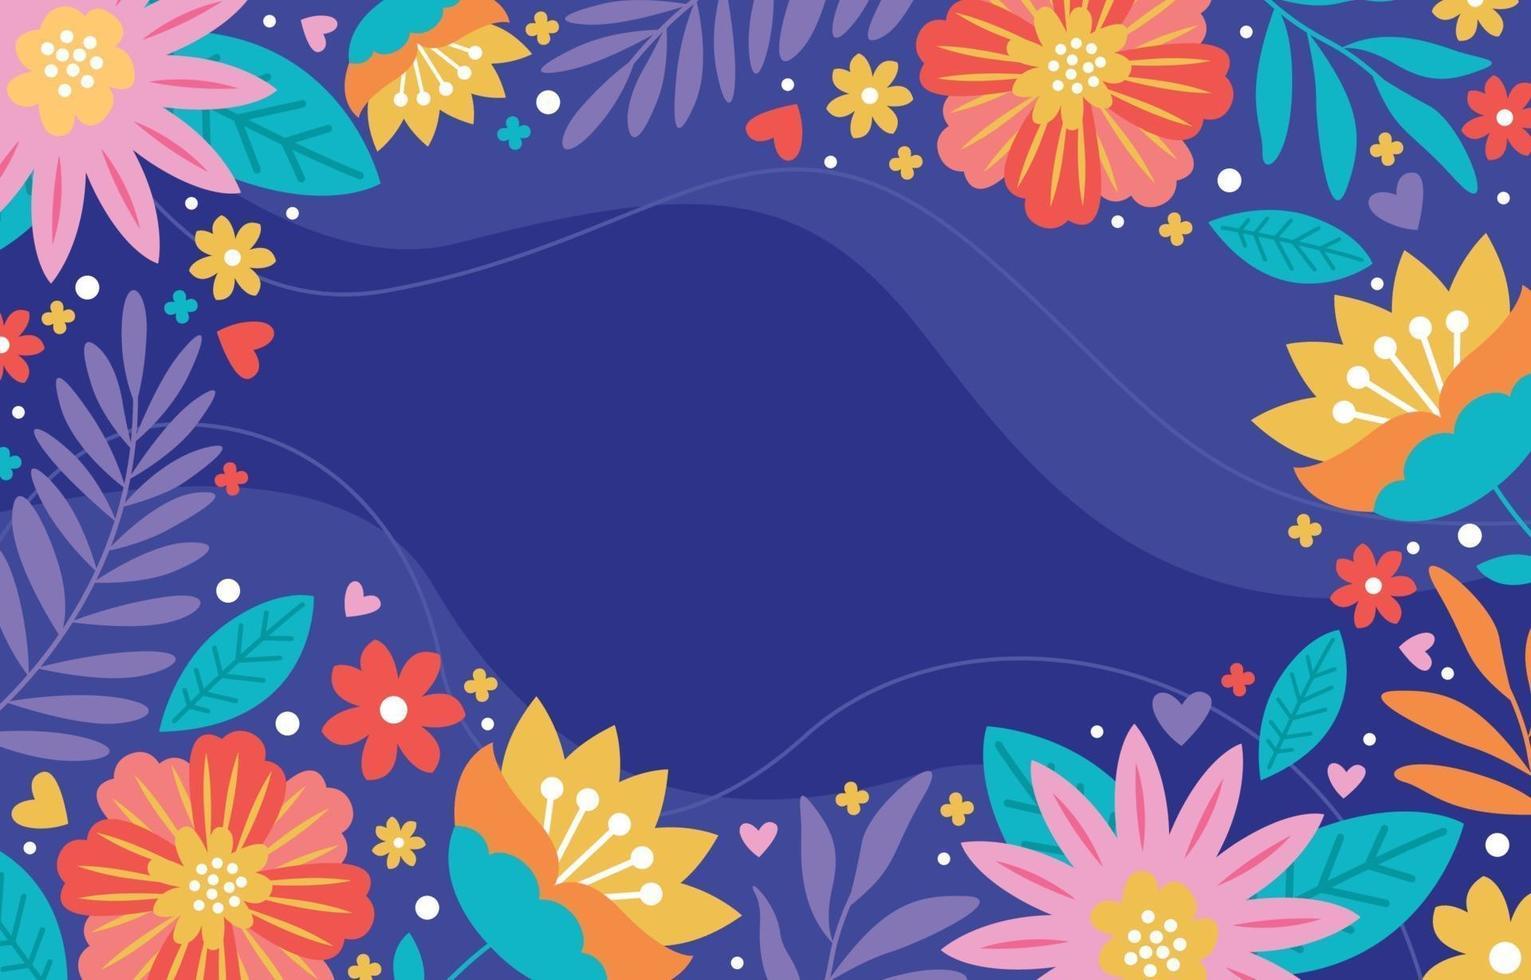 kleurrijke bloem en gebladerteachtergrond vector